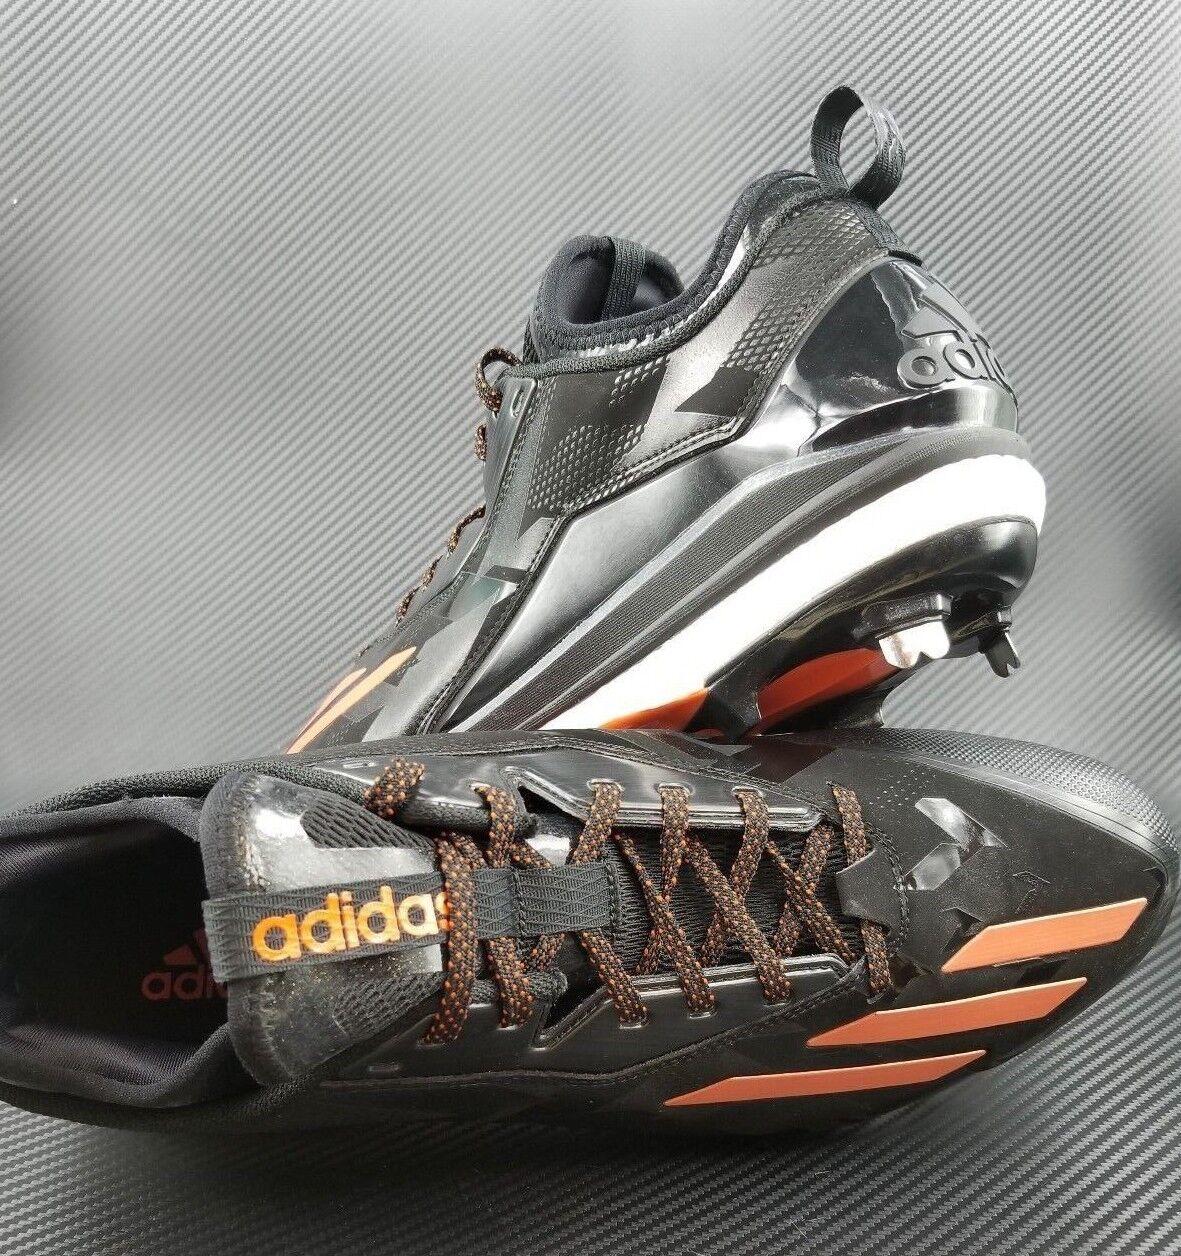 Neue adidas impulse symbol 2 größe 14 männer aus - baseball - stollen schwarz - aus orange q16524 e51038